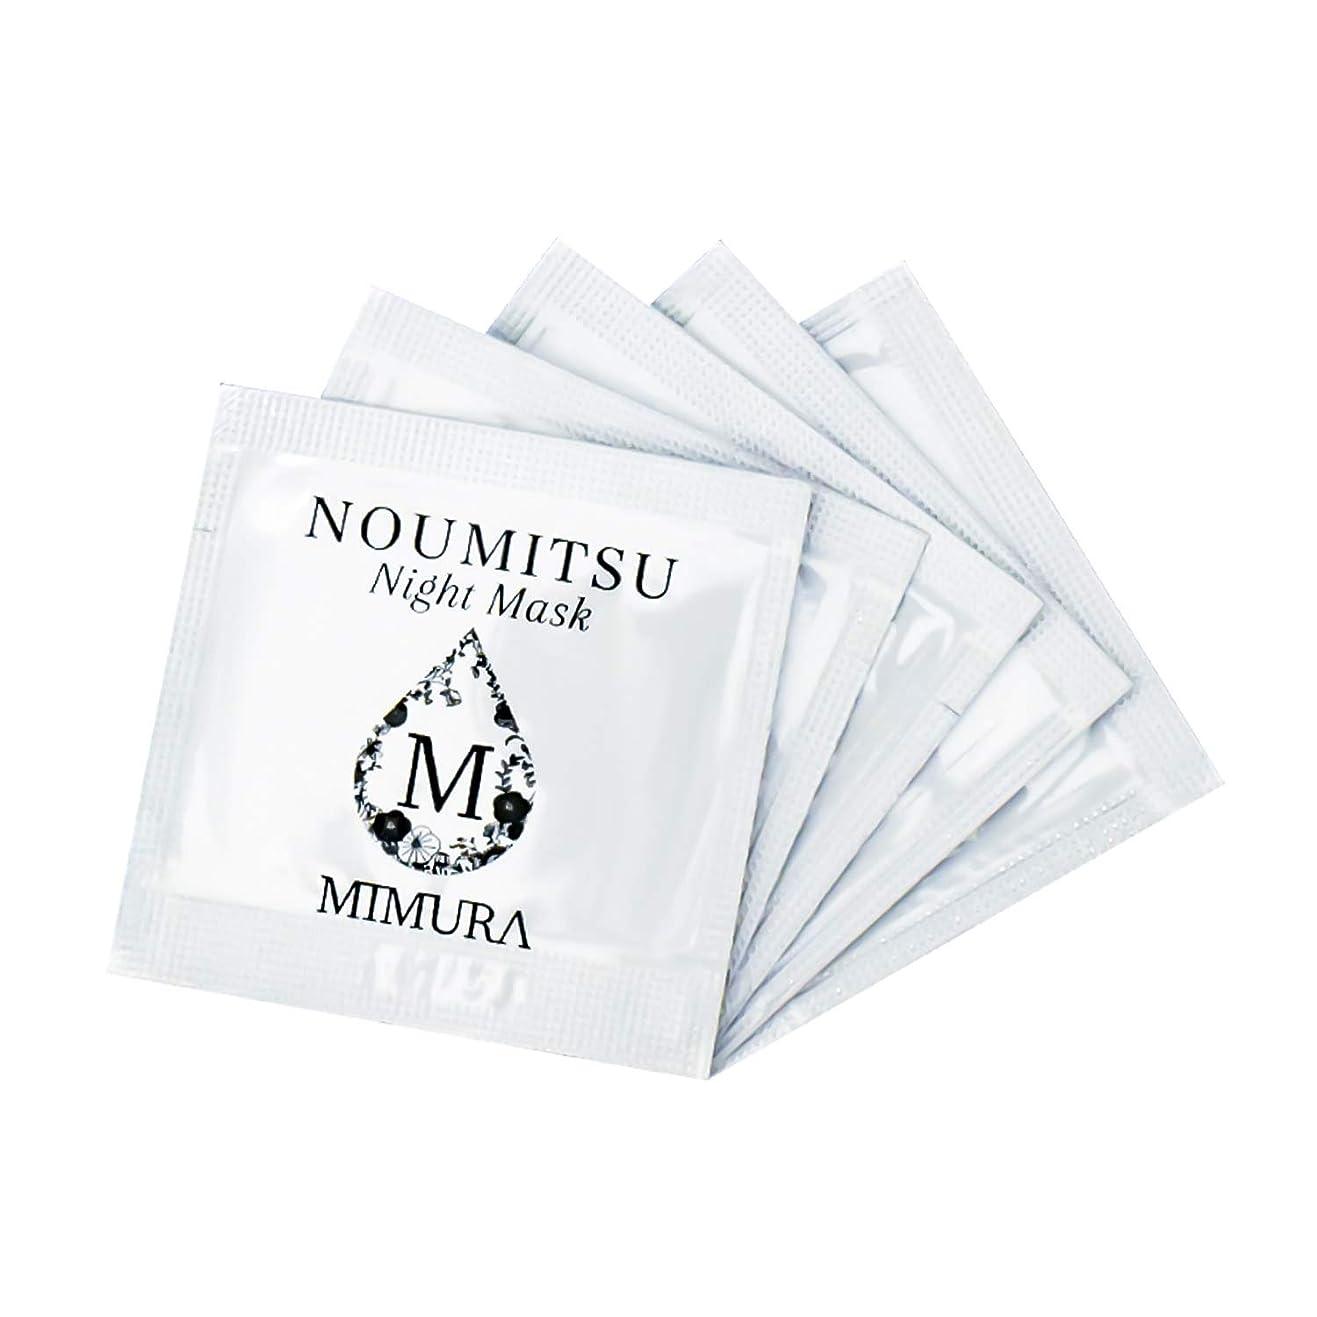 束ねる祖父母を訪問同一性ナイトケアクリーム 保湿 顔 用 ミムラ ナイトマスク NOUMITSU 試供品 5個入り ゆうパケット (ポスト投函)での発送となります。 MIMURA 乾燥肌 日本製 ※おひとり様1点、1回限りとなります。